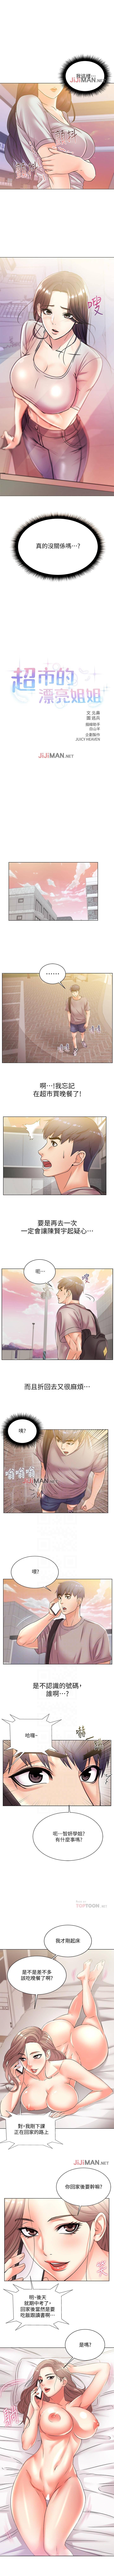 【周三连载】超市的漂亮姐姐(作者:北鼻&逃兵) 第1~20话 118